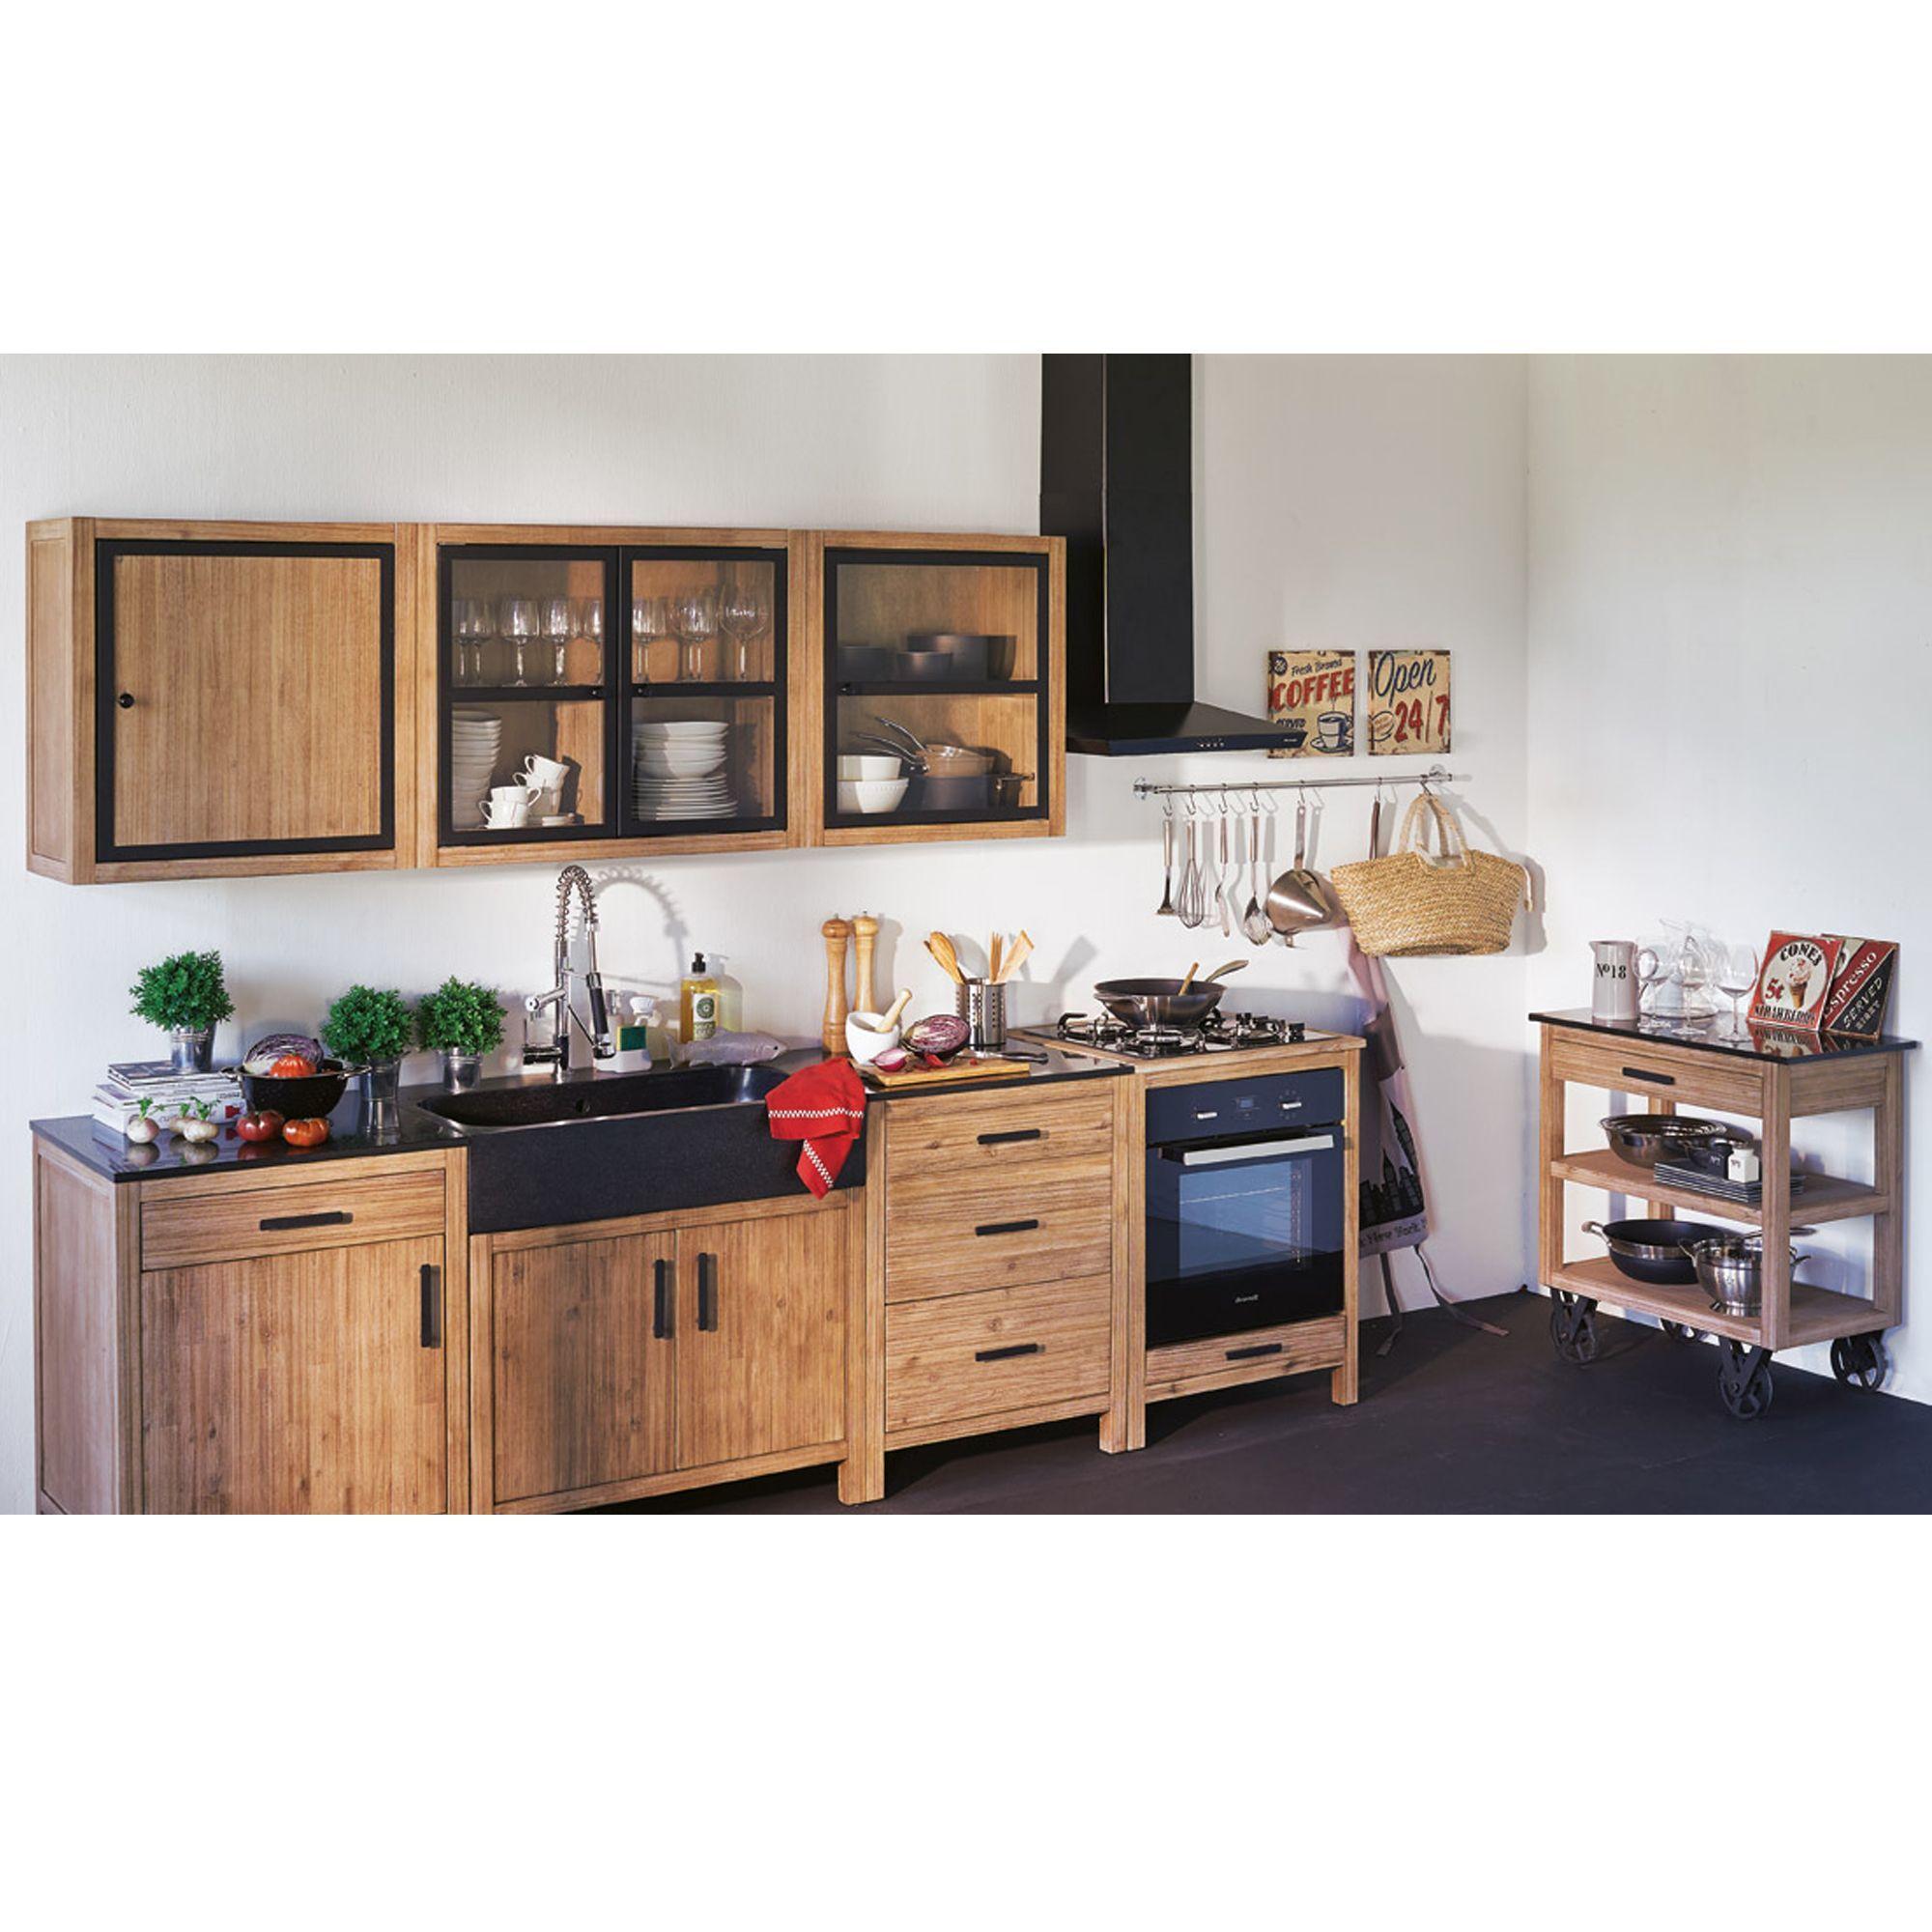 Ensemble de meubles de cuisine en acacia Naturel - Lys - Les